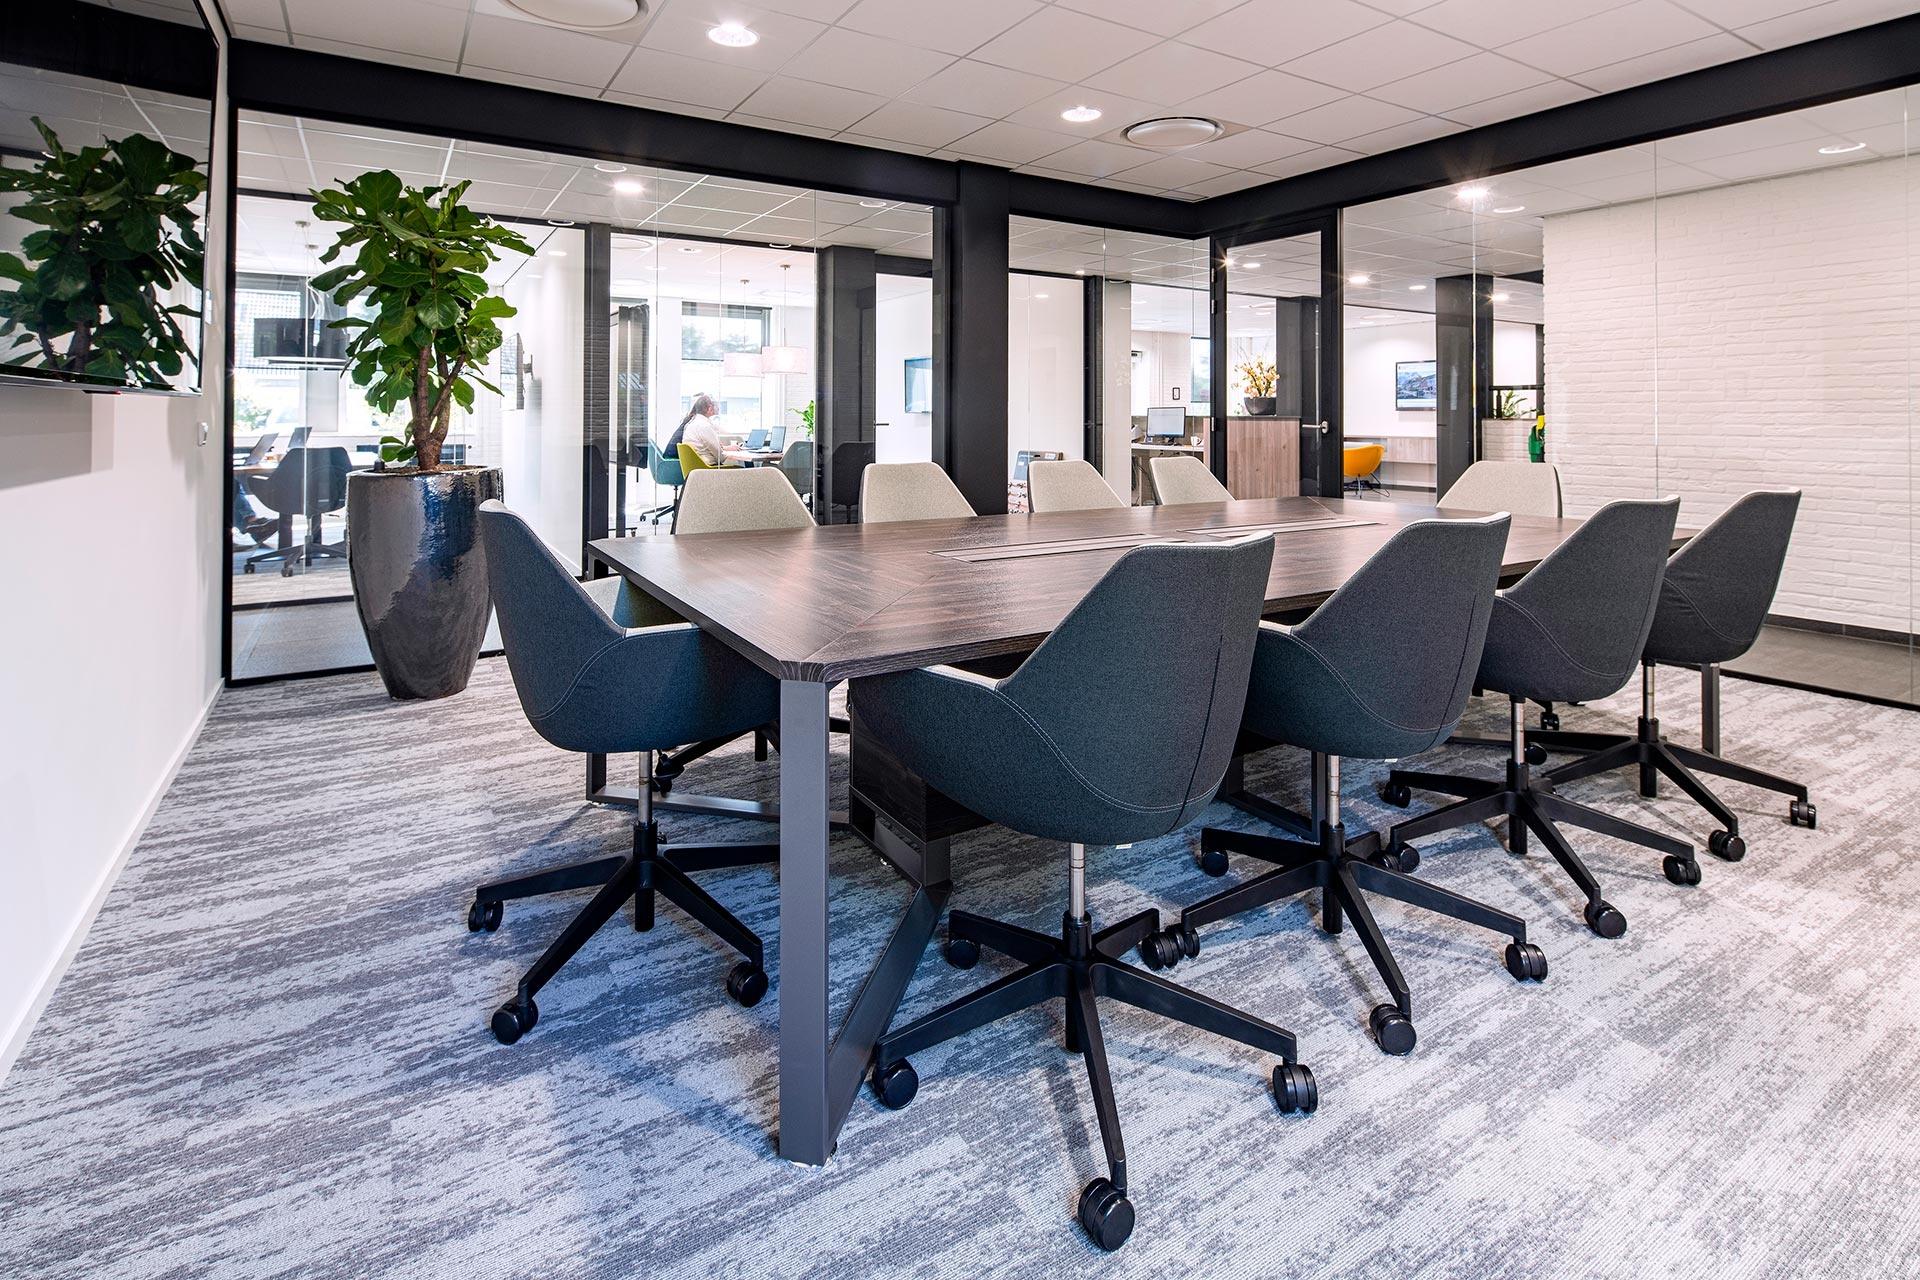 In de vergaderruimtes hebben we gewerkt met de comfortabele Fan vergaderstoelen